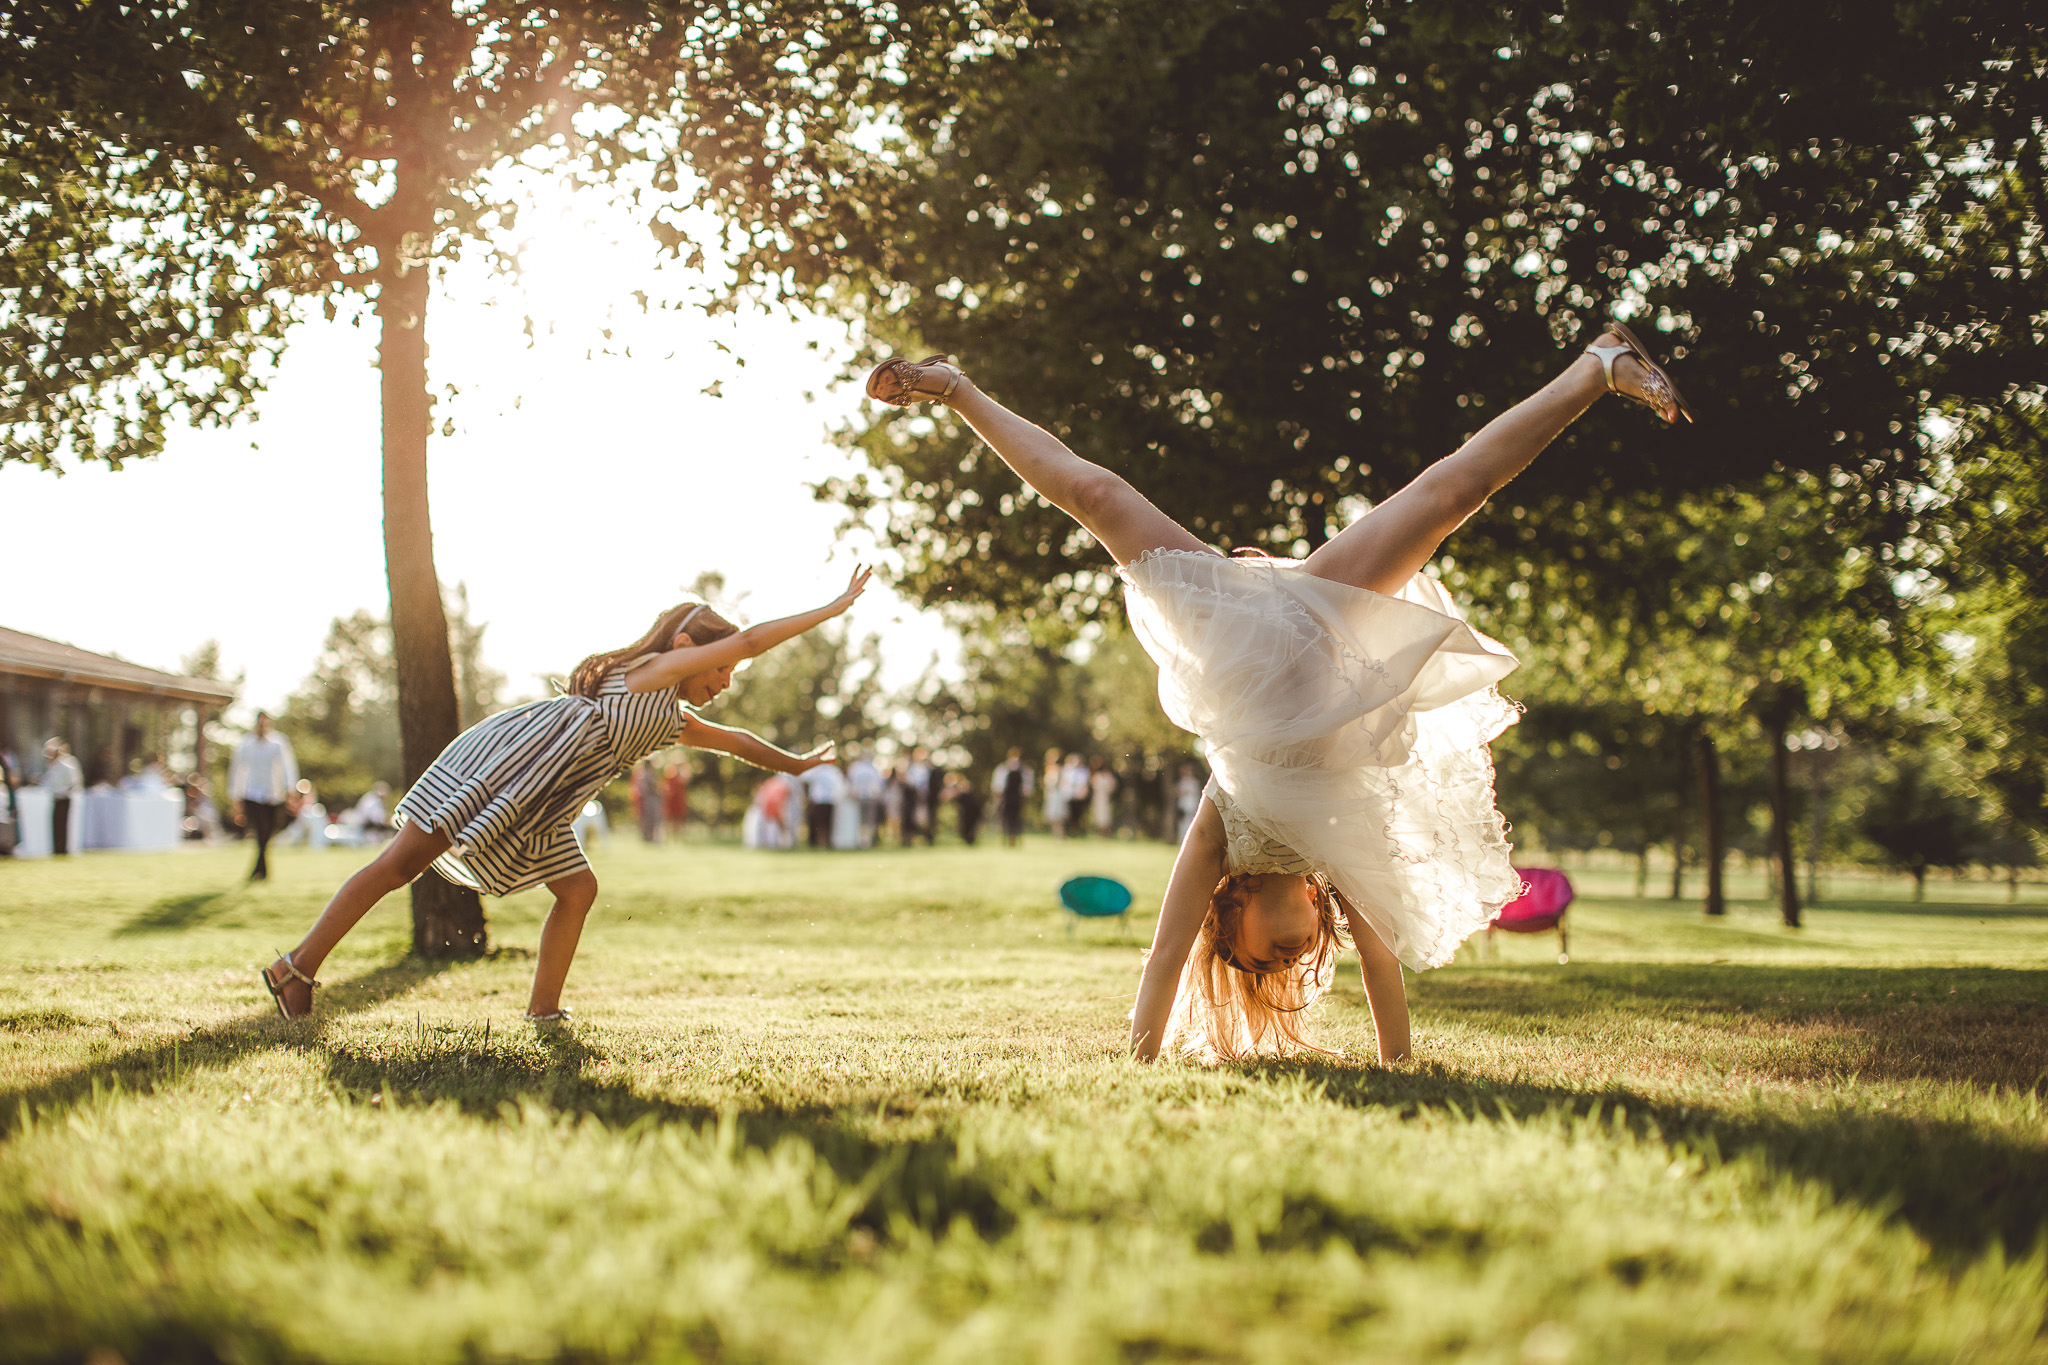 reportage mariage photo invites enfants cocktail vin honneurdomaine preissac toulouse